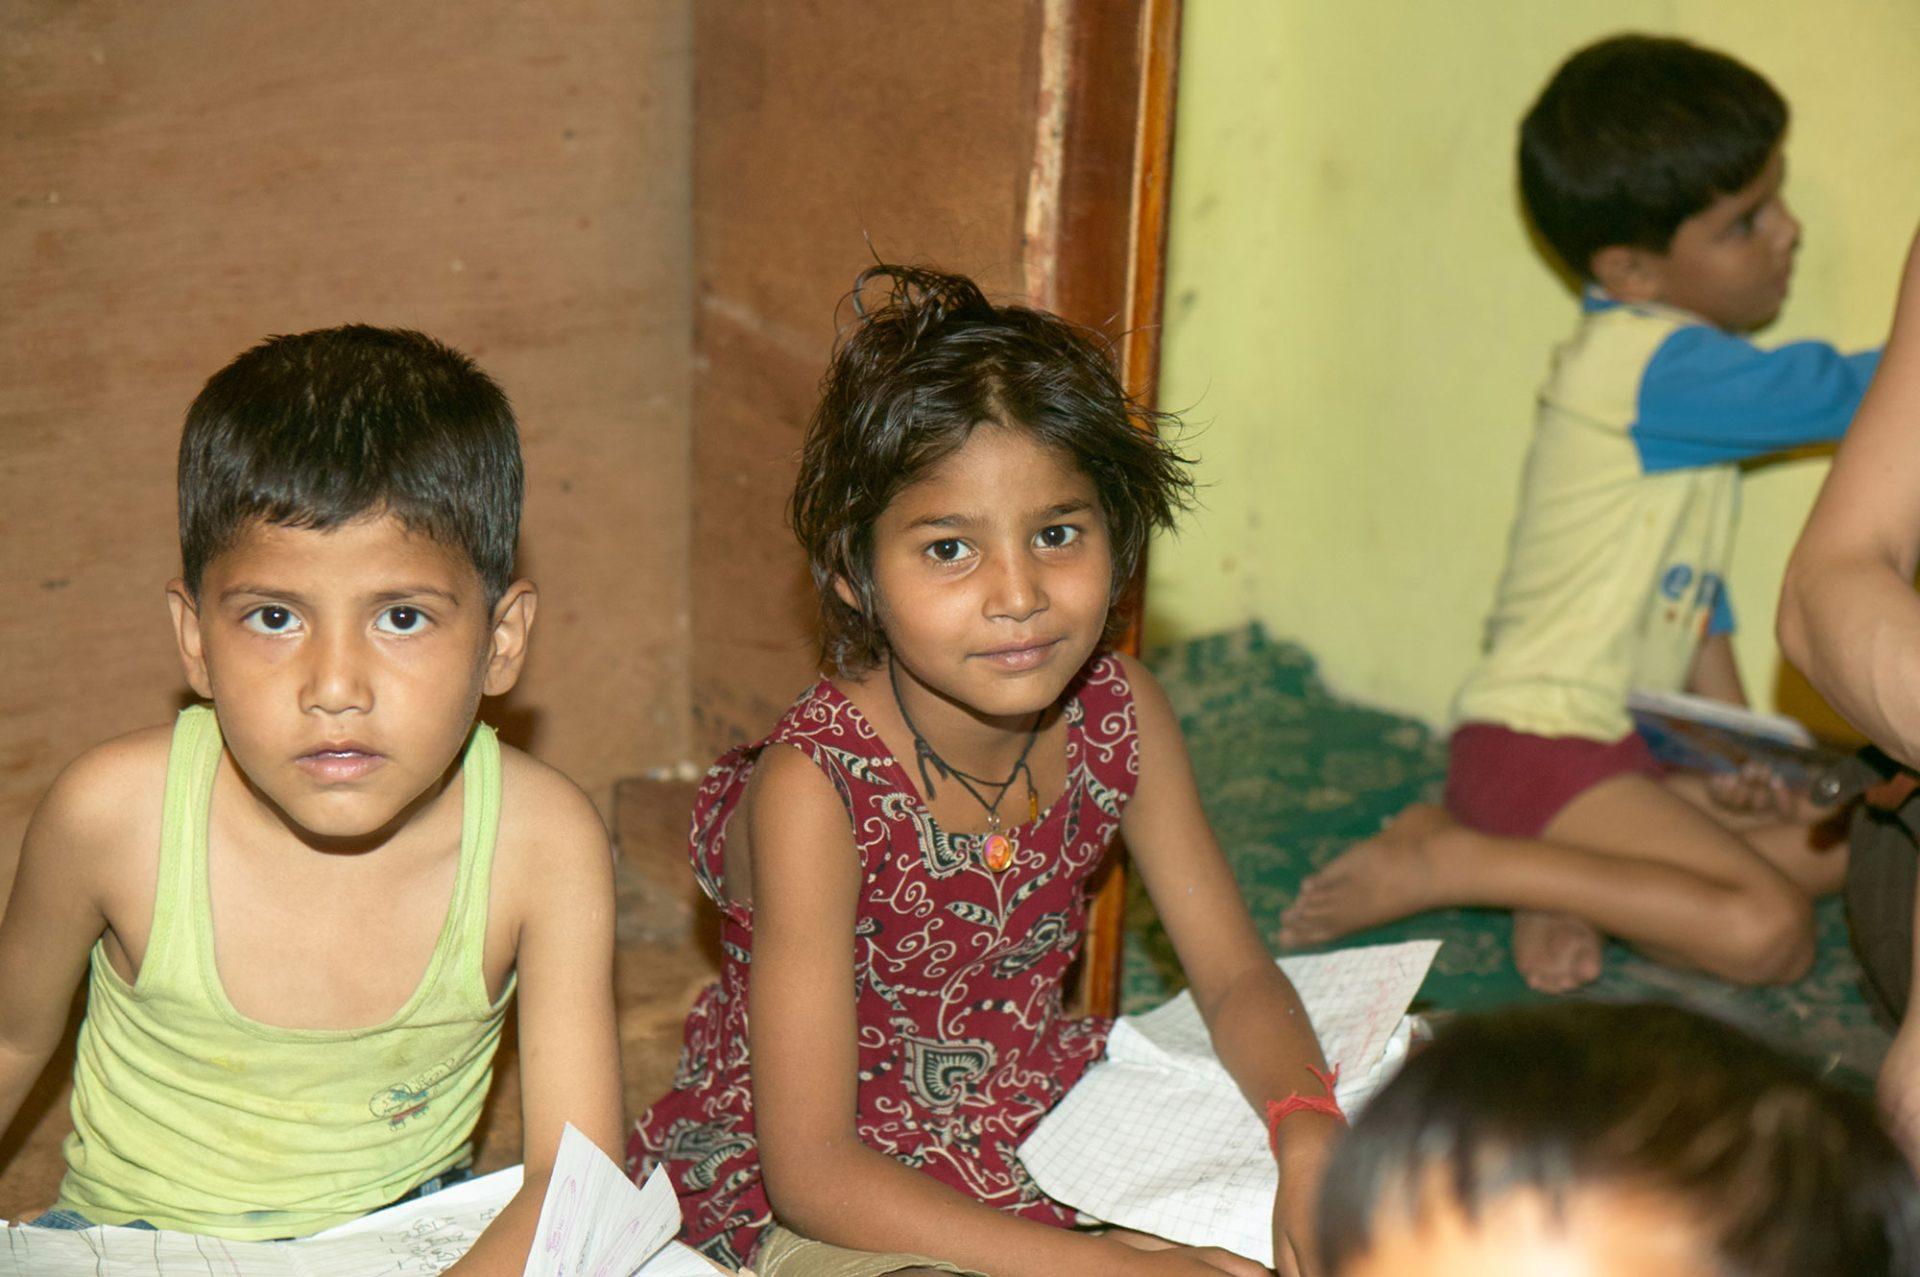 Zwei Kinder schaut in die Kamera, das Bild entband in einer Schule in Indien.